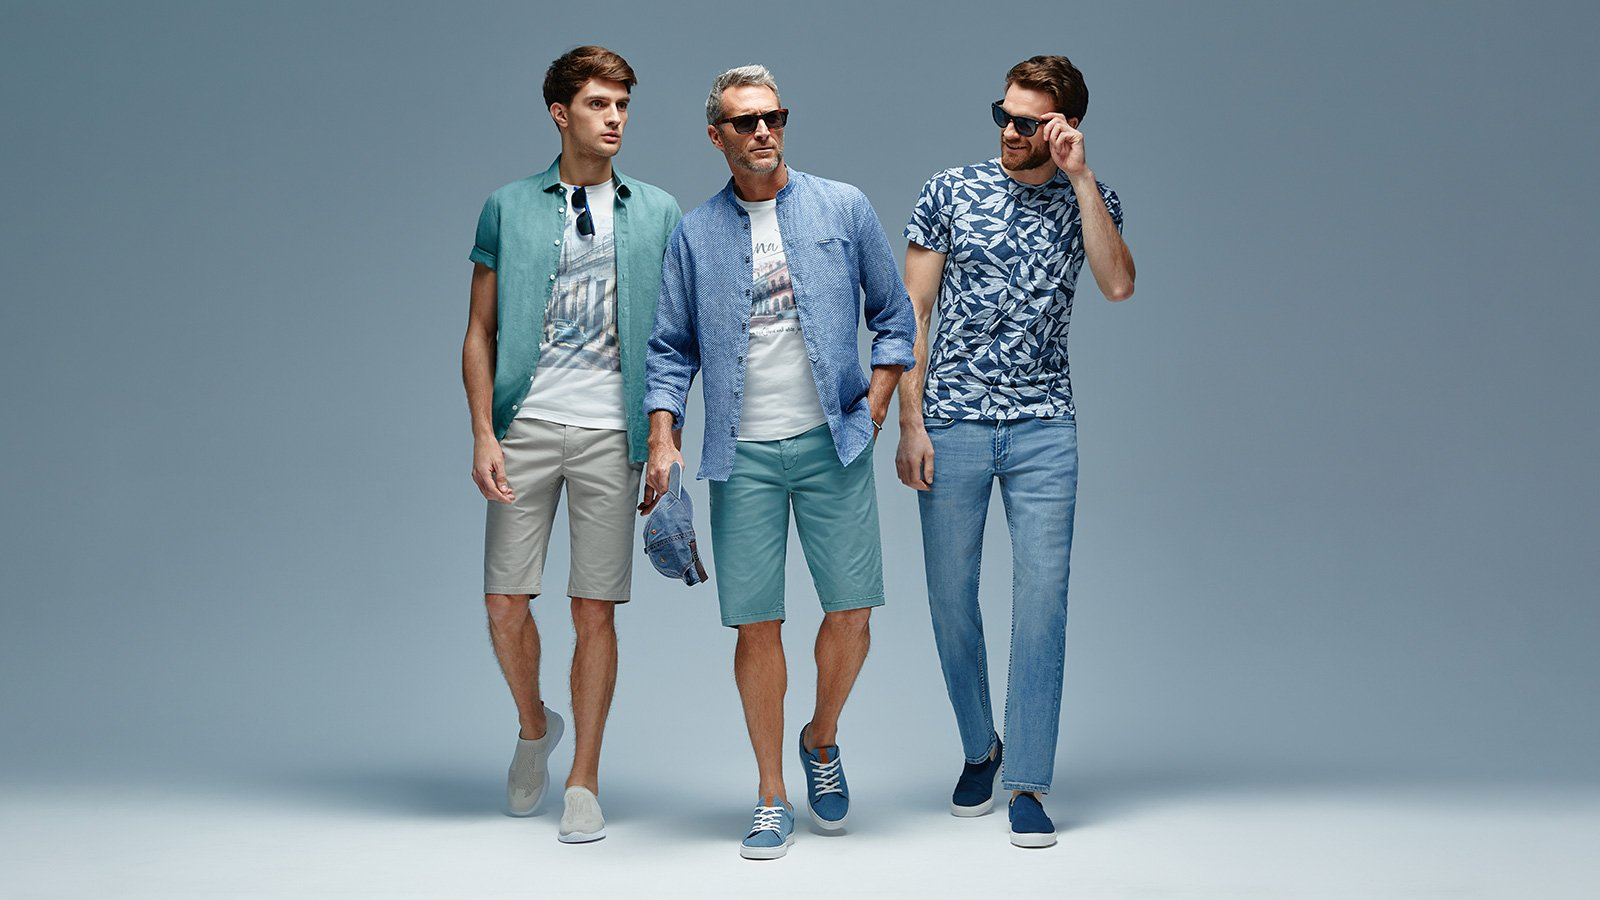 фото рекламы смешанной мужской одежды елочки отрезков доски